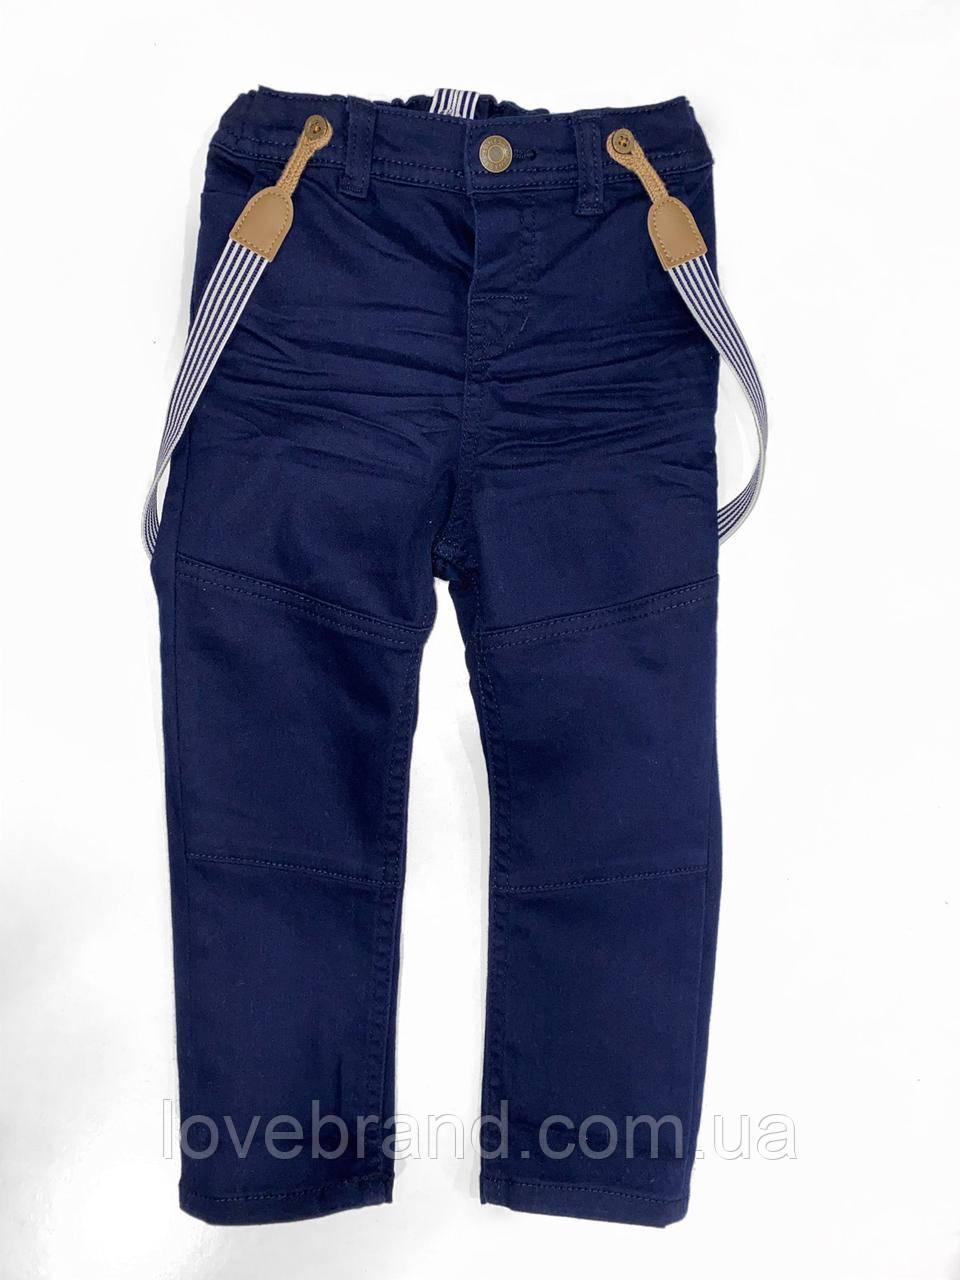 Штаны на подтяжки для мальчика H&M  синие детские брюки с подтяжками для самых маленьких 1,5-2г /92 см